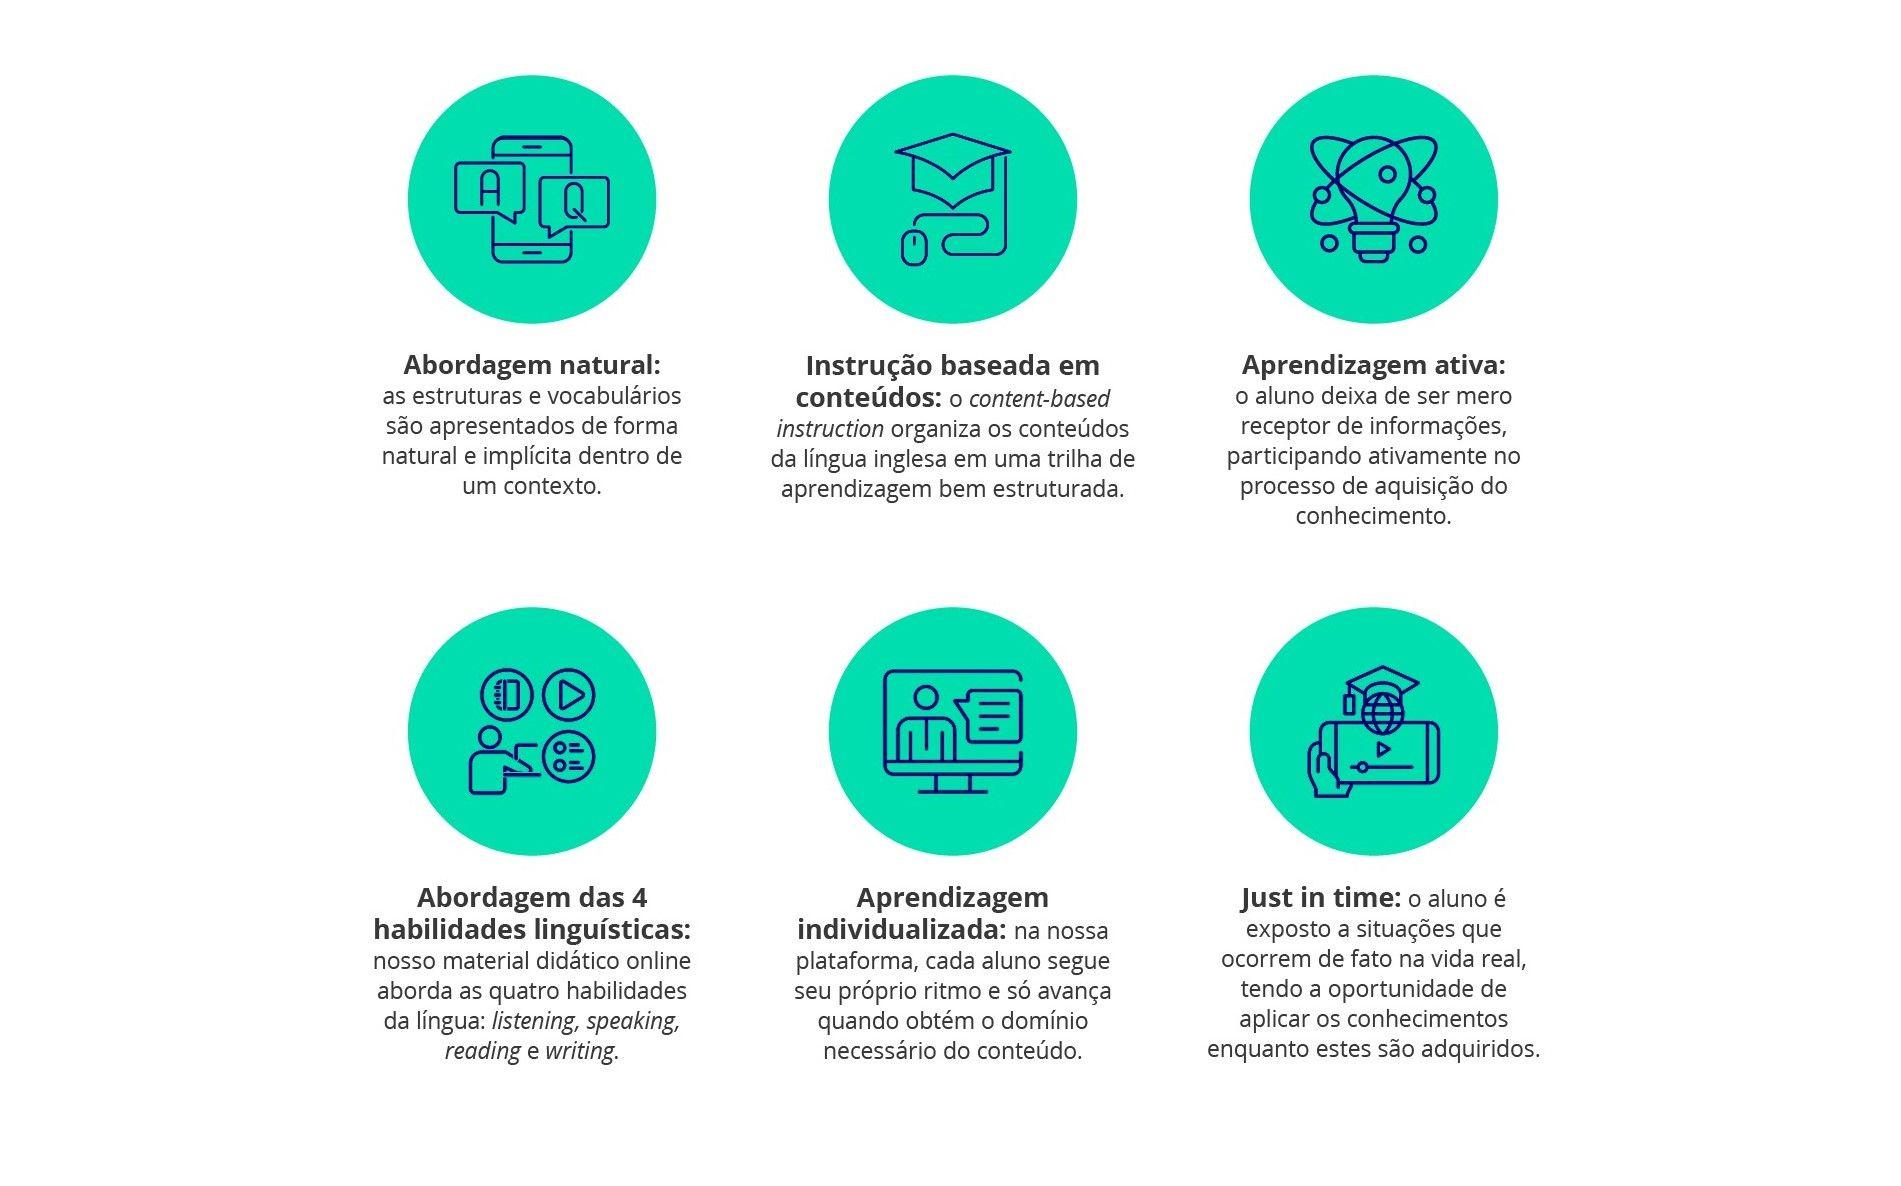 Imagem com os princípios pedagógicos da Flexge